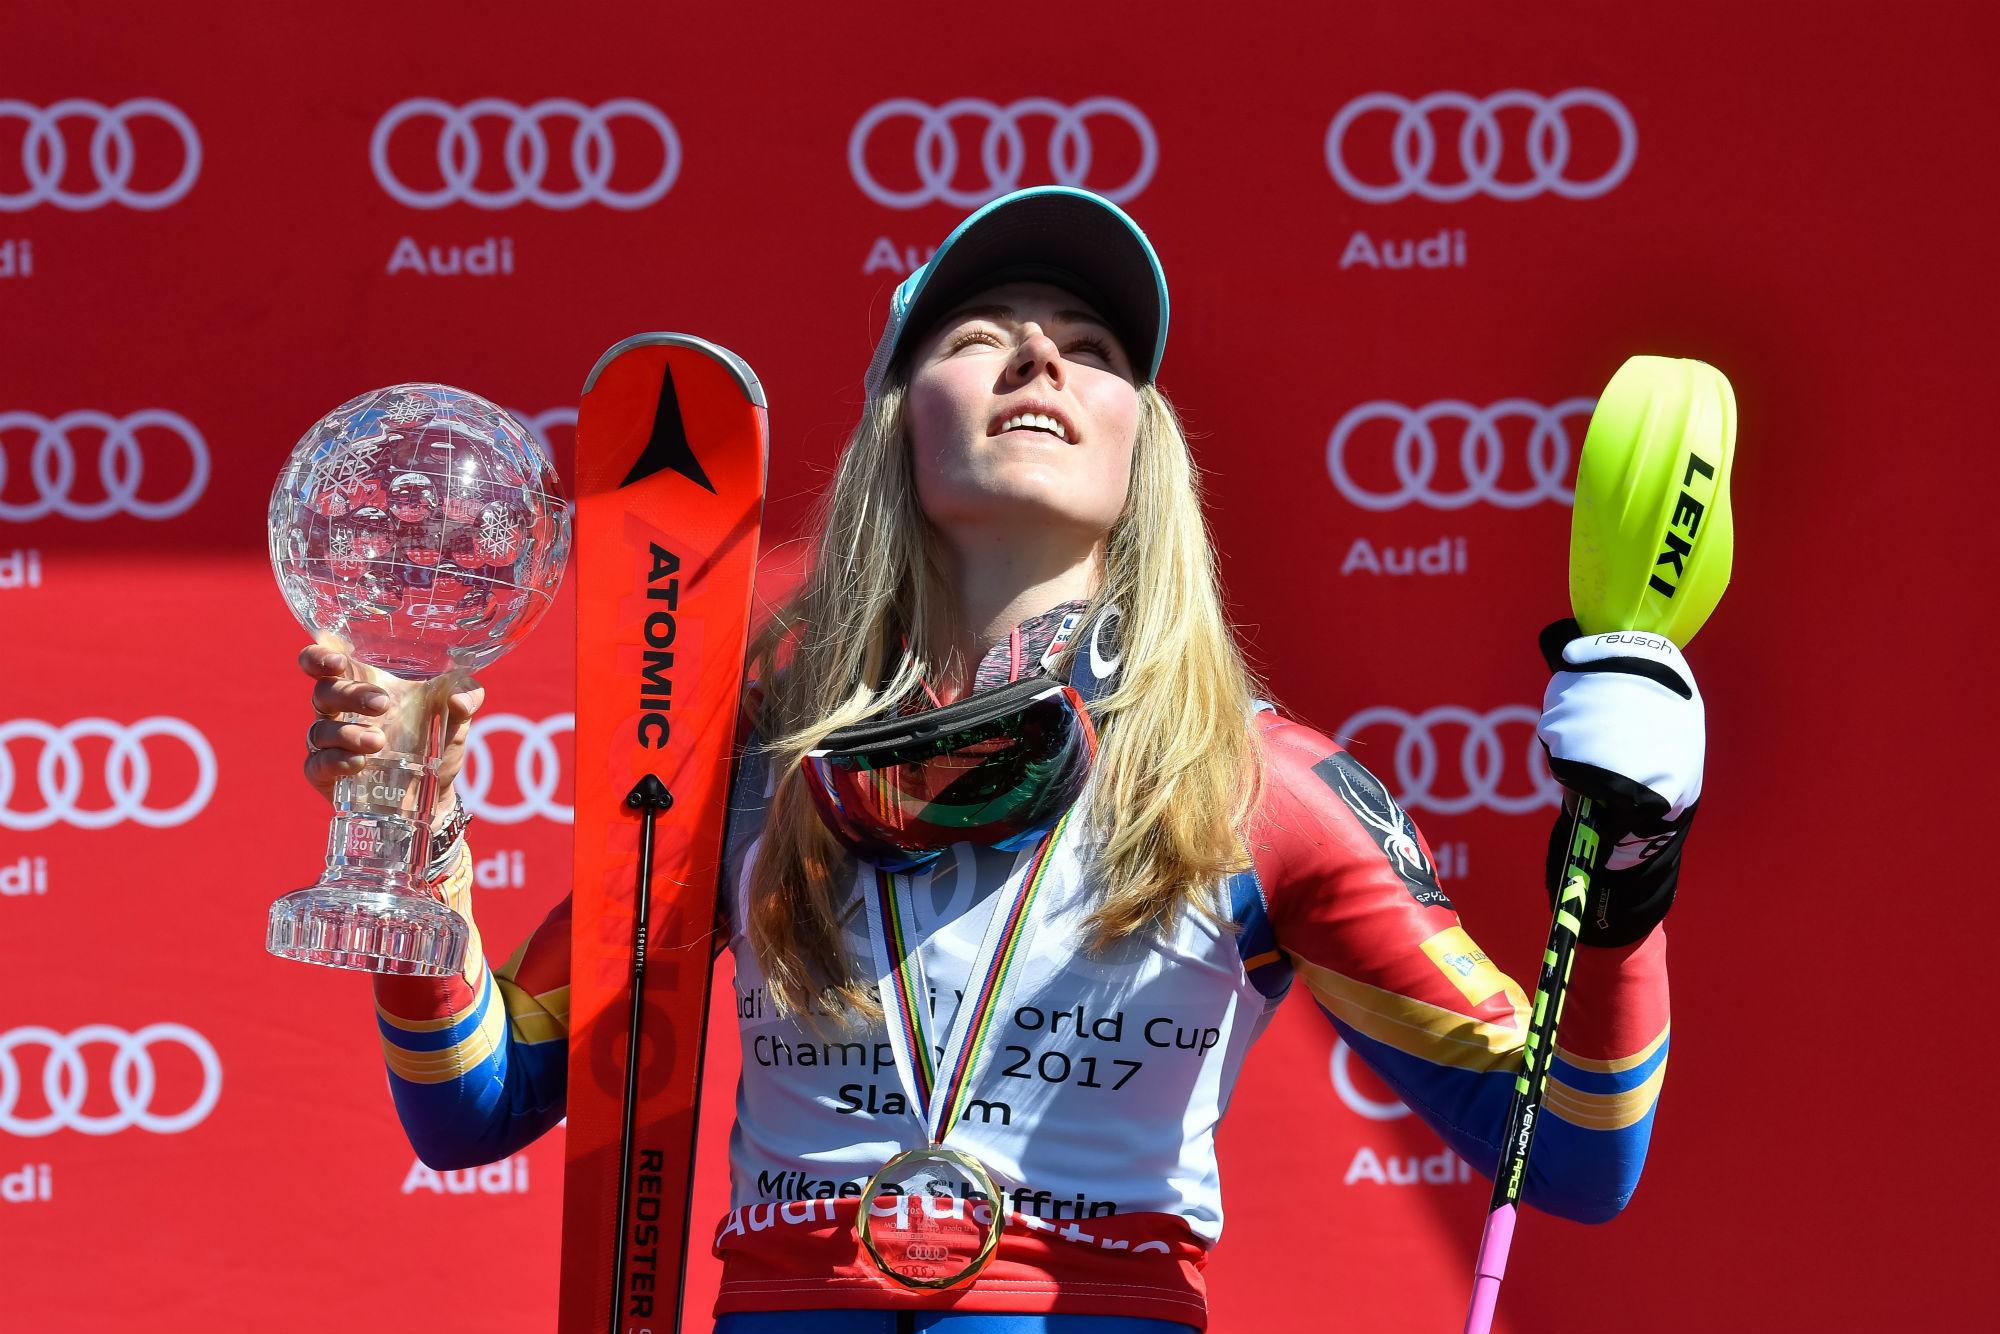 Mikaela Shiffrin, quarta Coppa di slalom a 22 anni... (@Zoom agence)